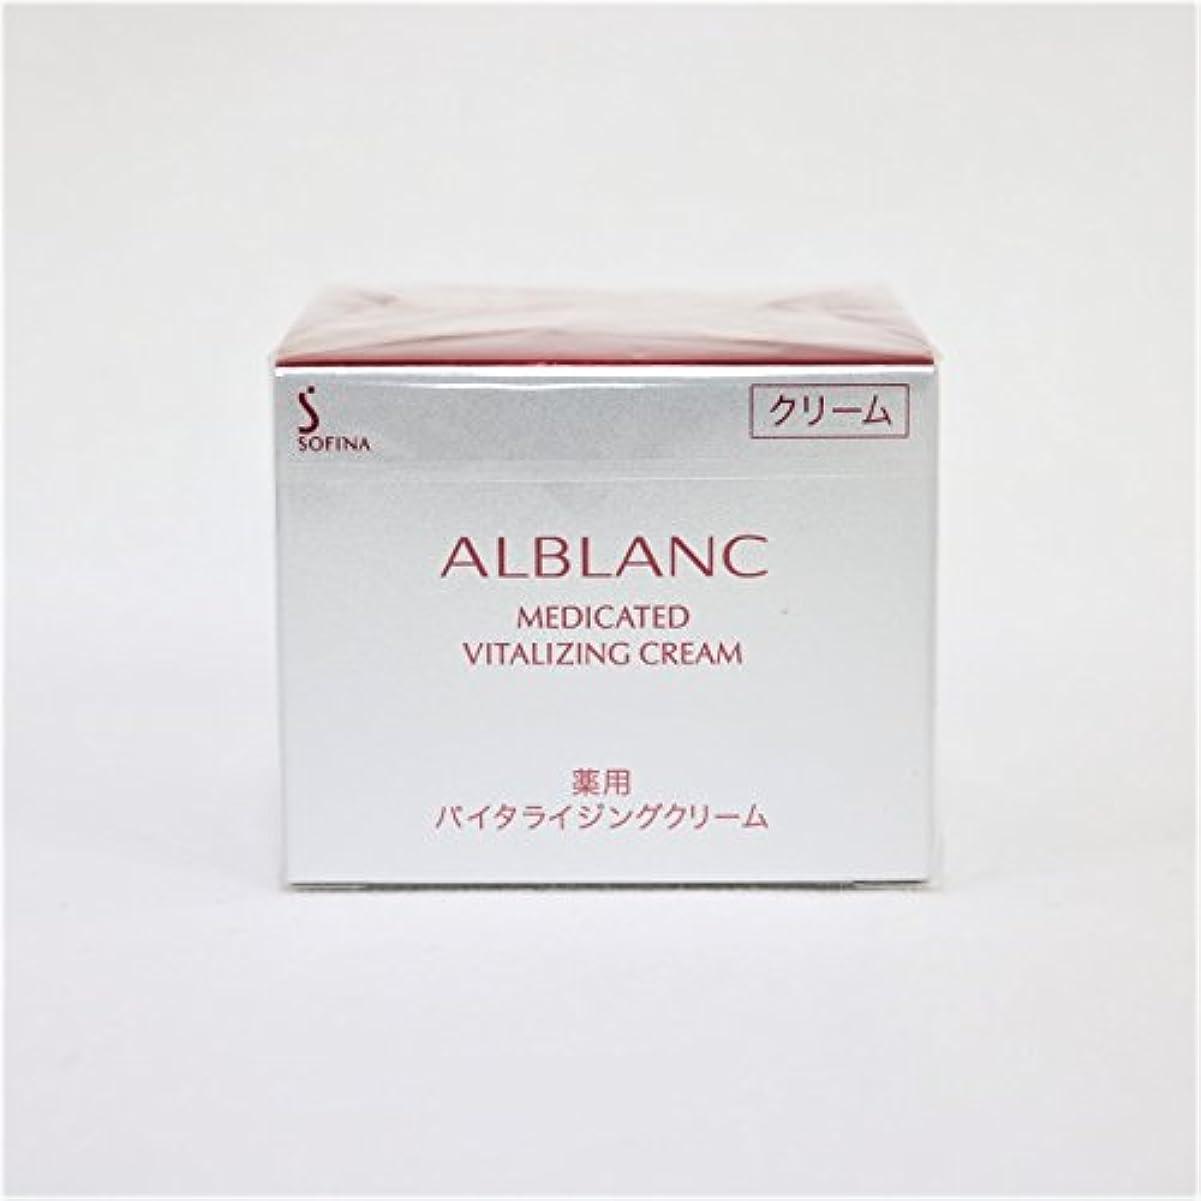 寝室を掃除する包囲昼食ソフィーナ アルブラン 薬用バイタライジングクリーム 40g